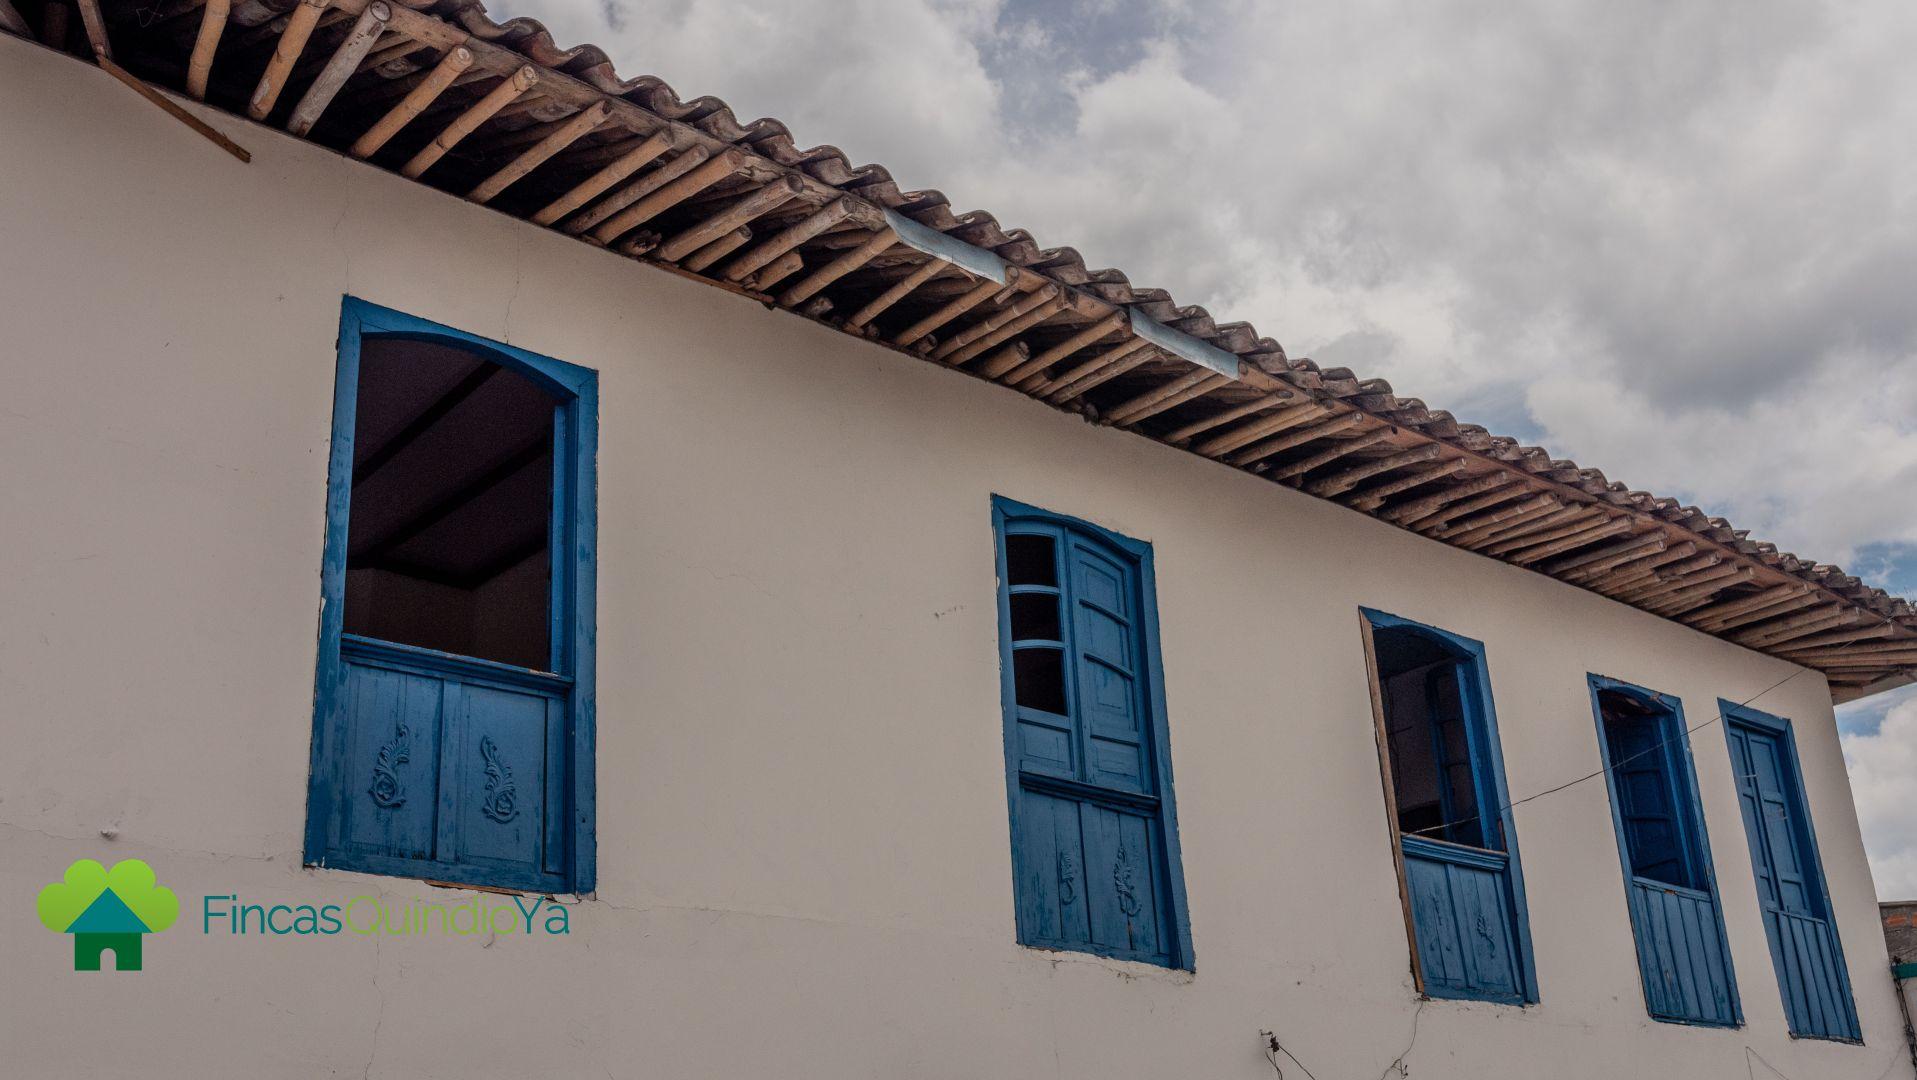 Foto a una casa de color blanco con azul